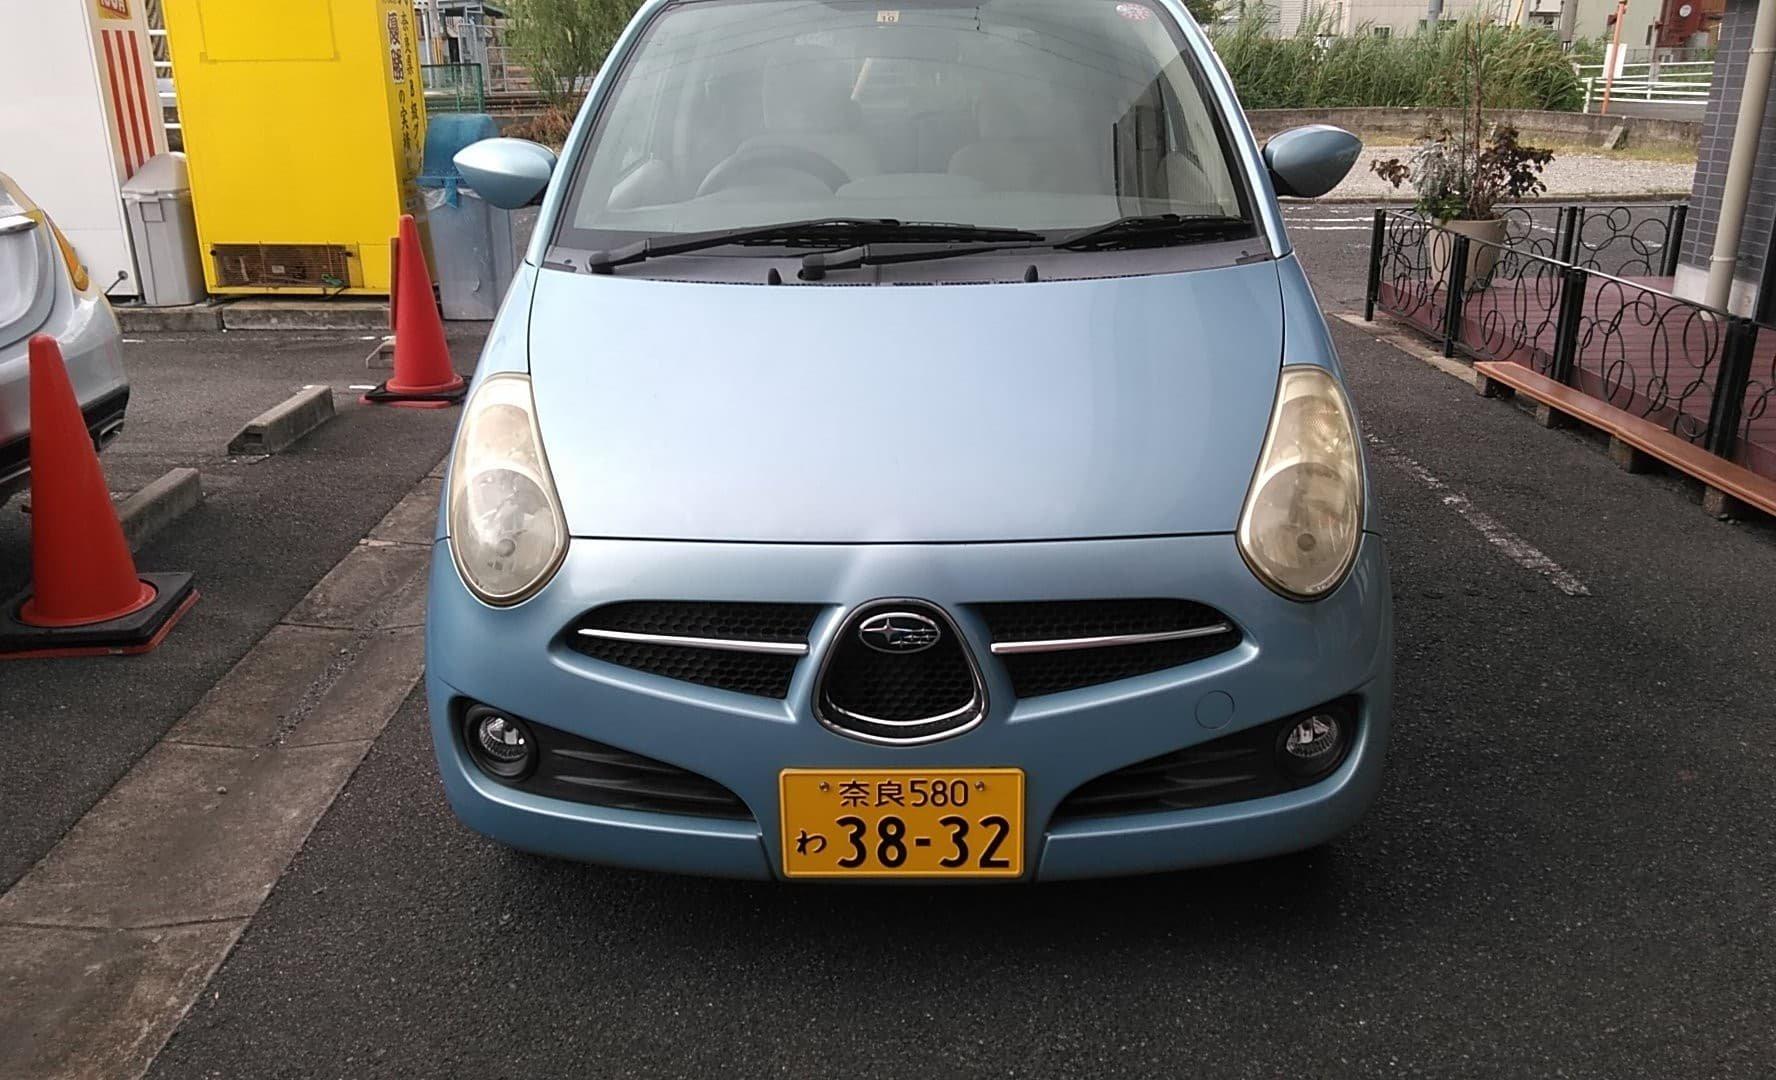 【保険込み!】長期レンタル!可愛い便利な軽自動車で古都・奈良の快適な旅を!